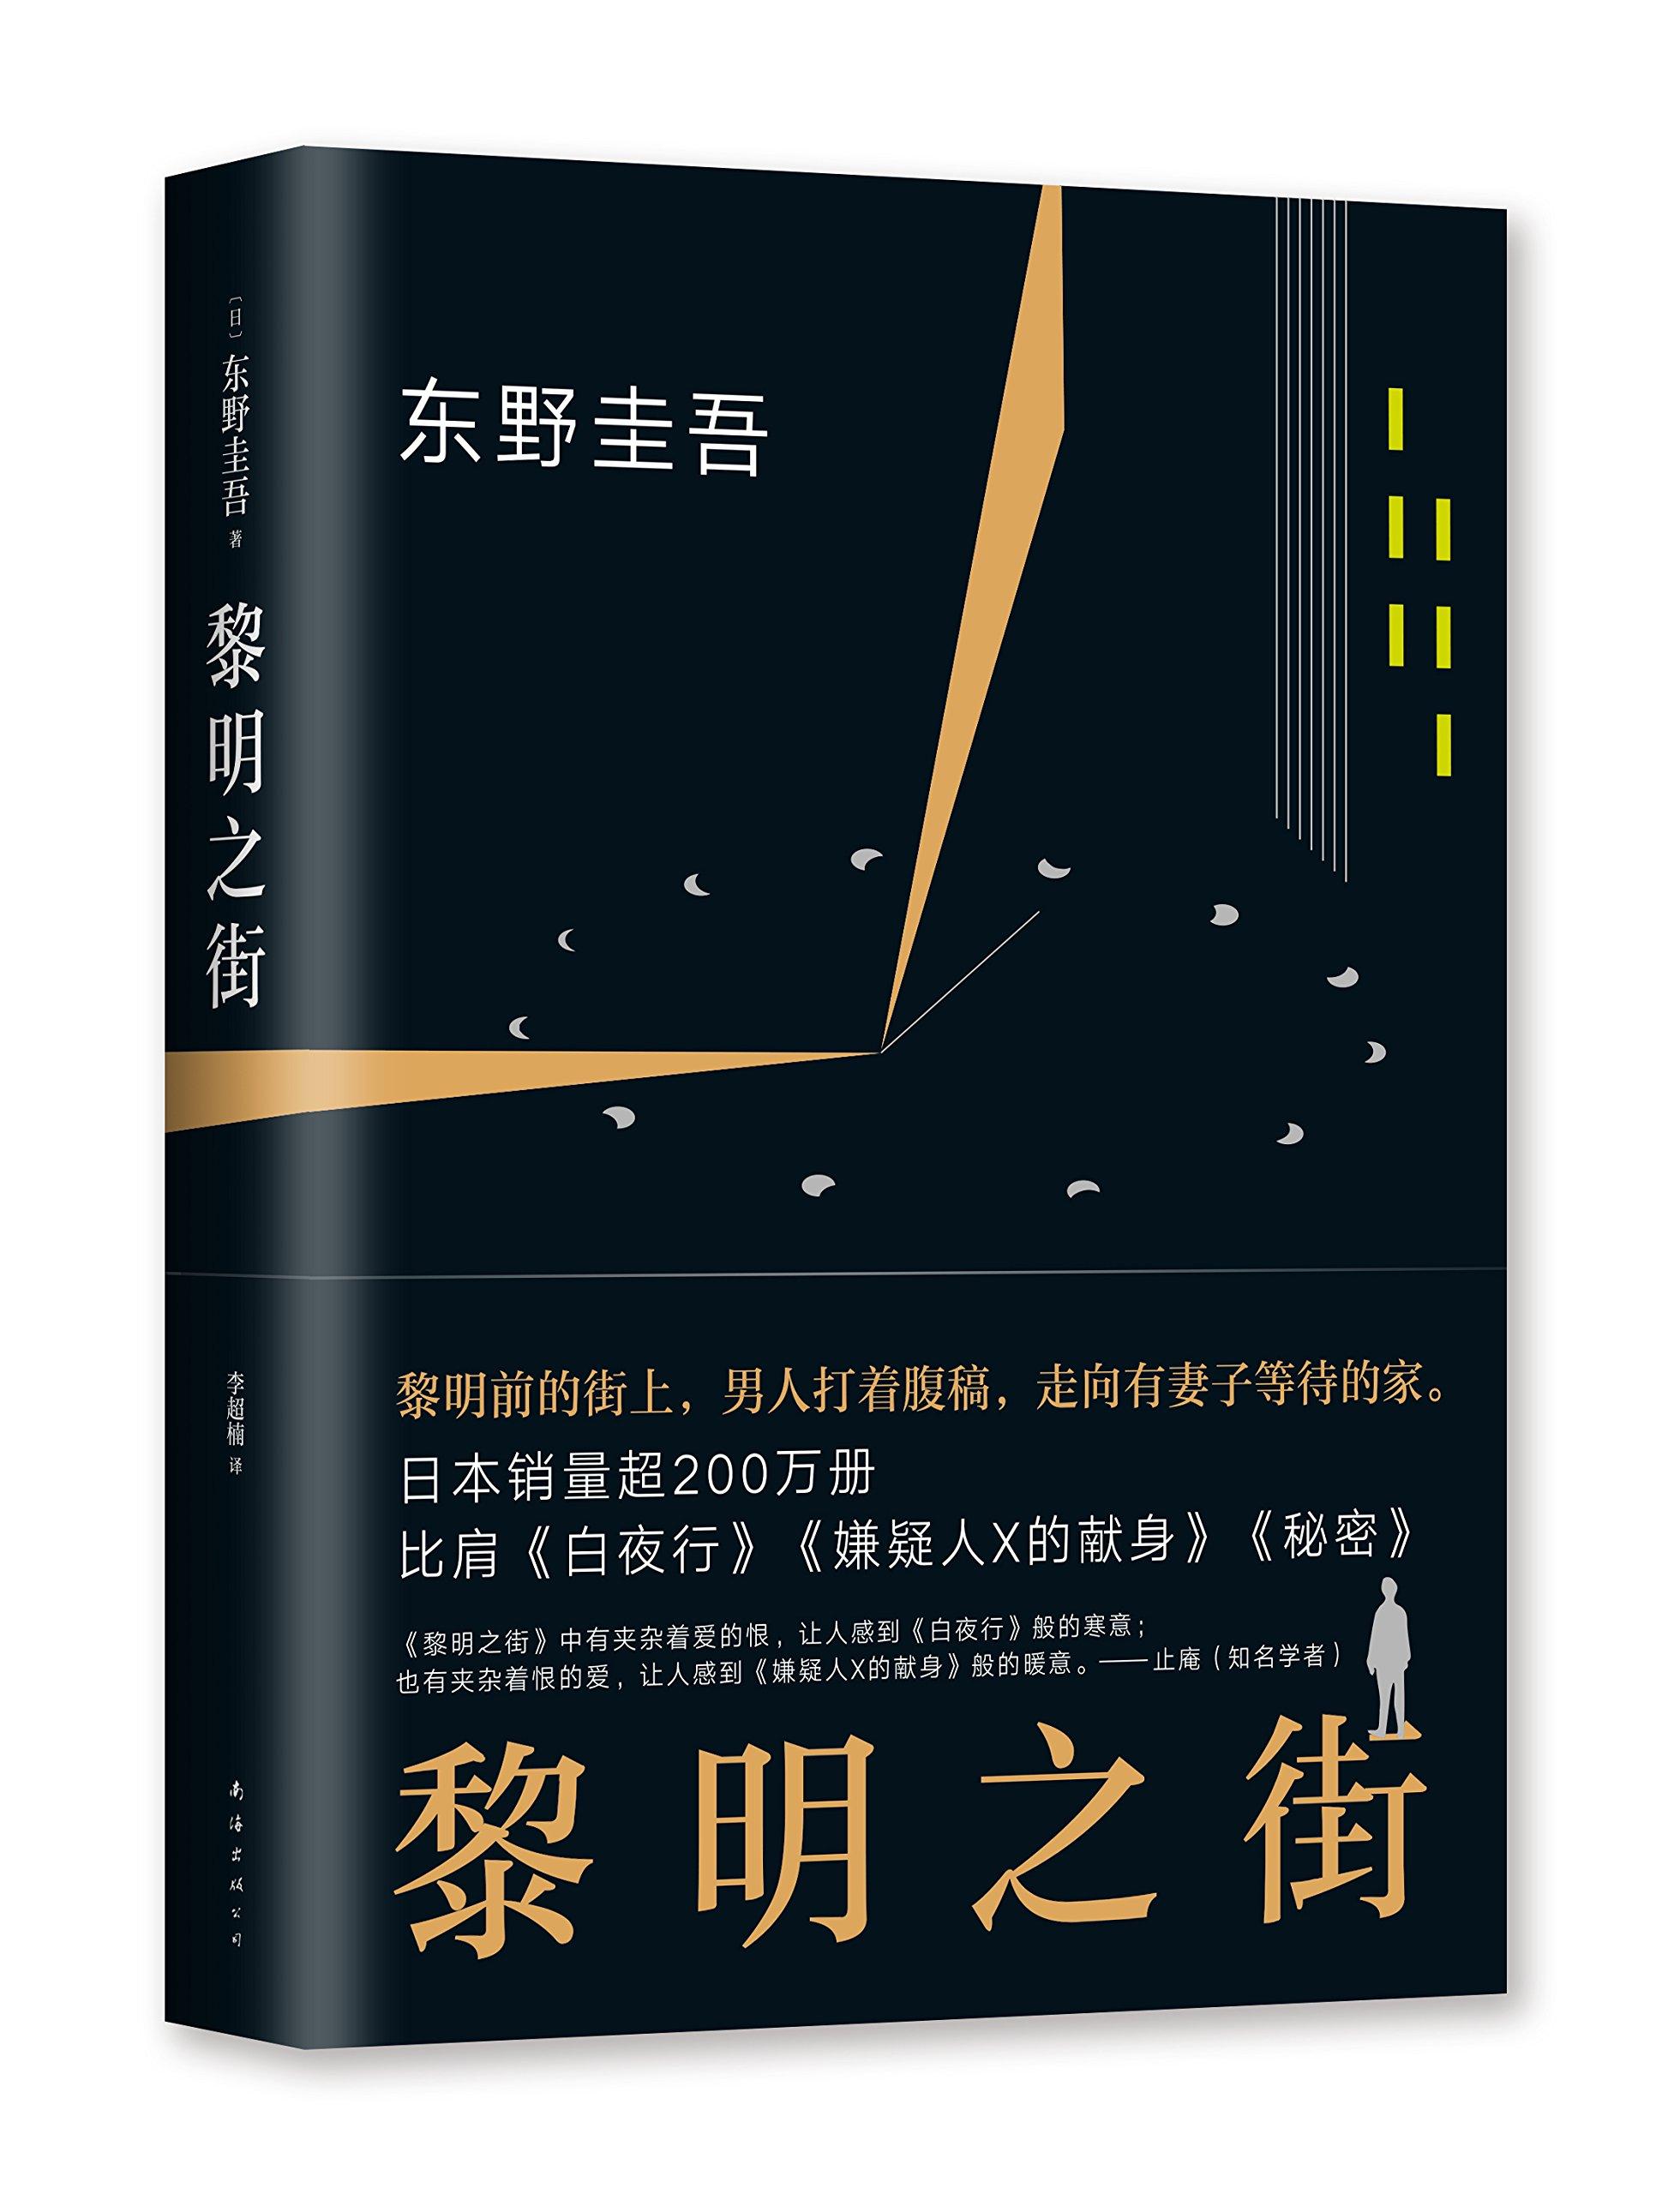 《黎明之街 》东野圭吾最新著作PDF电子书